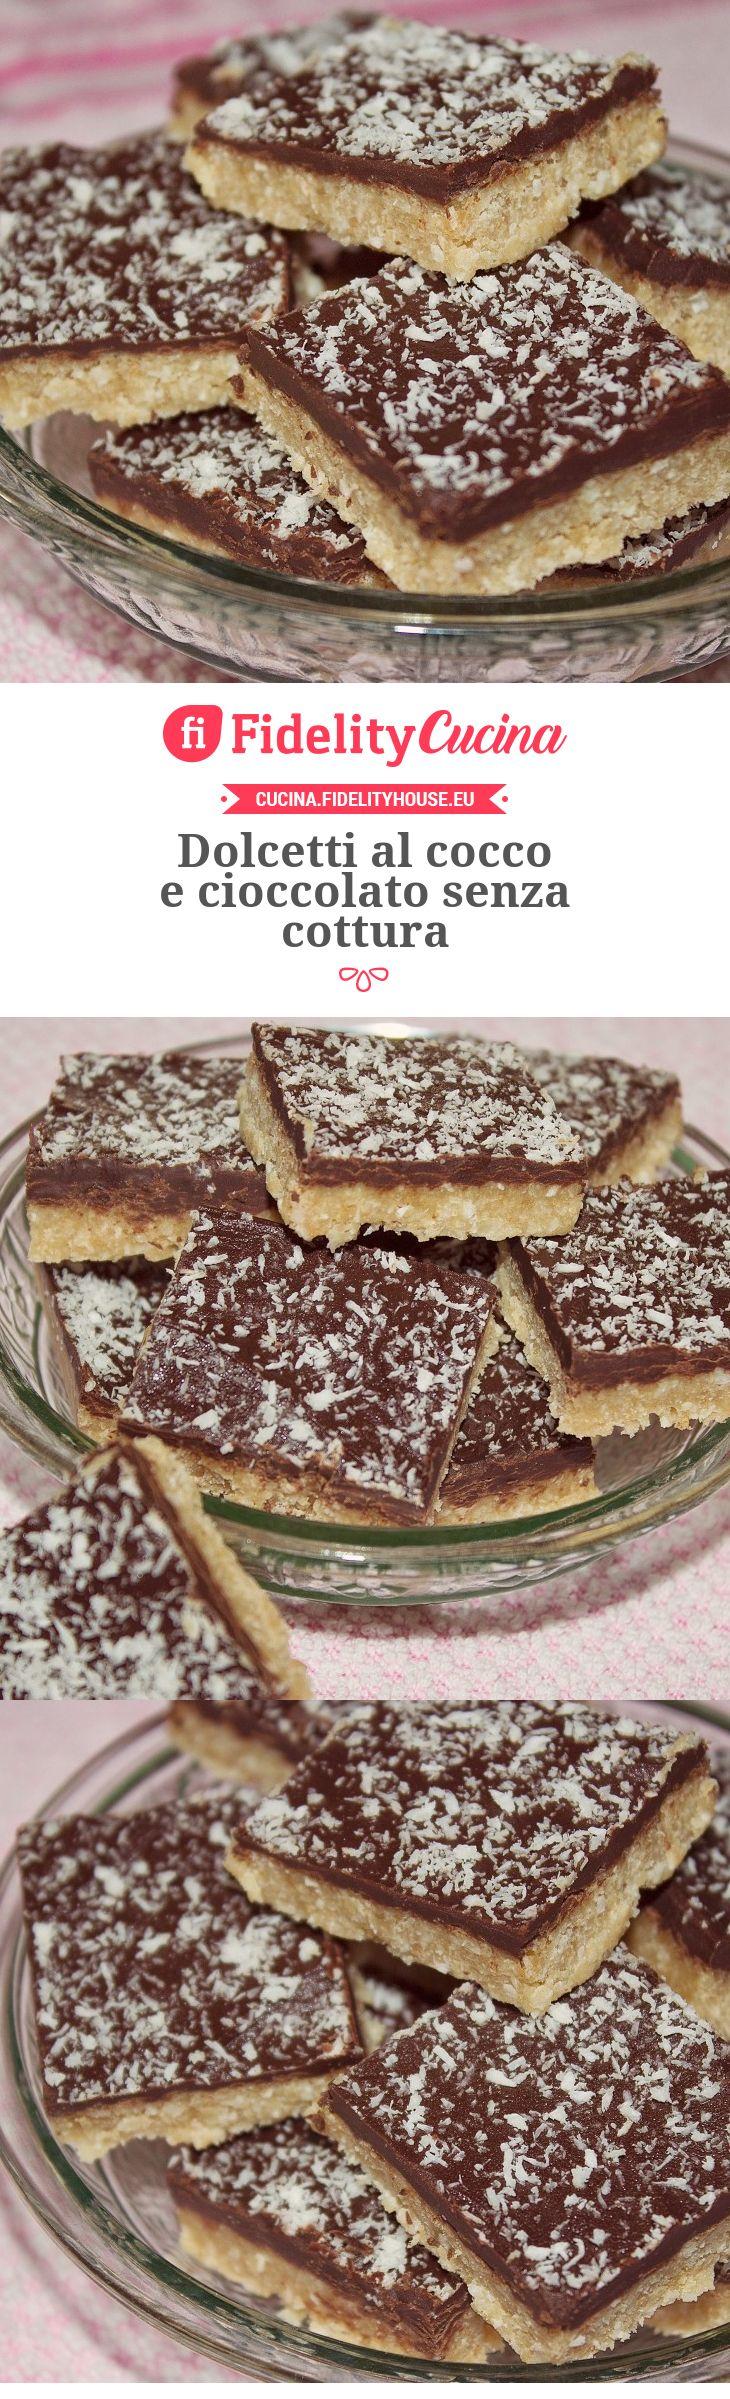 Dolcetti al cocco e cioccolato senza cottura